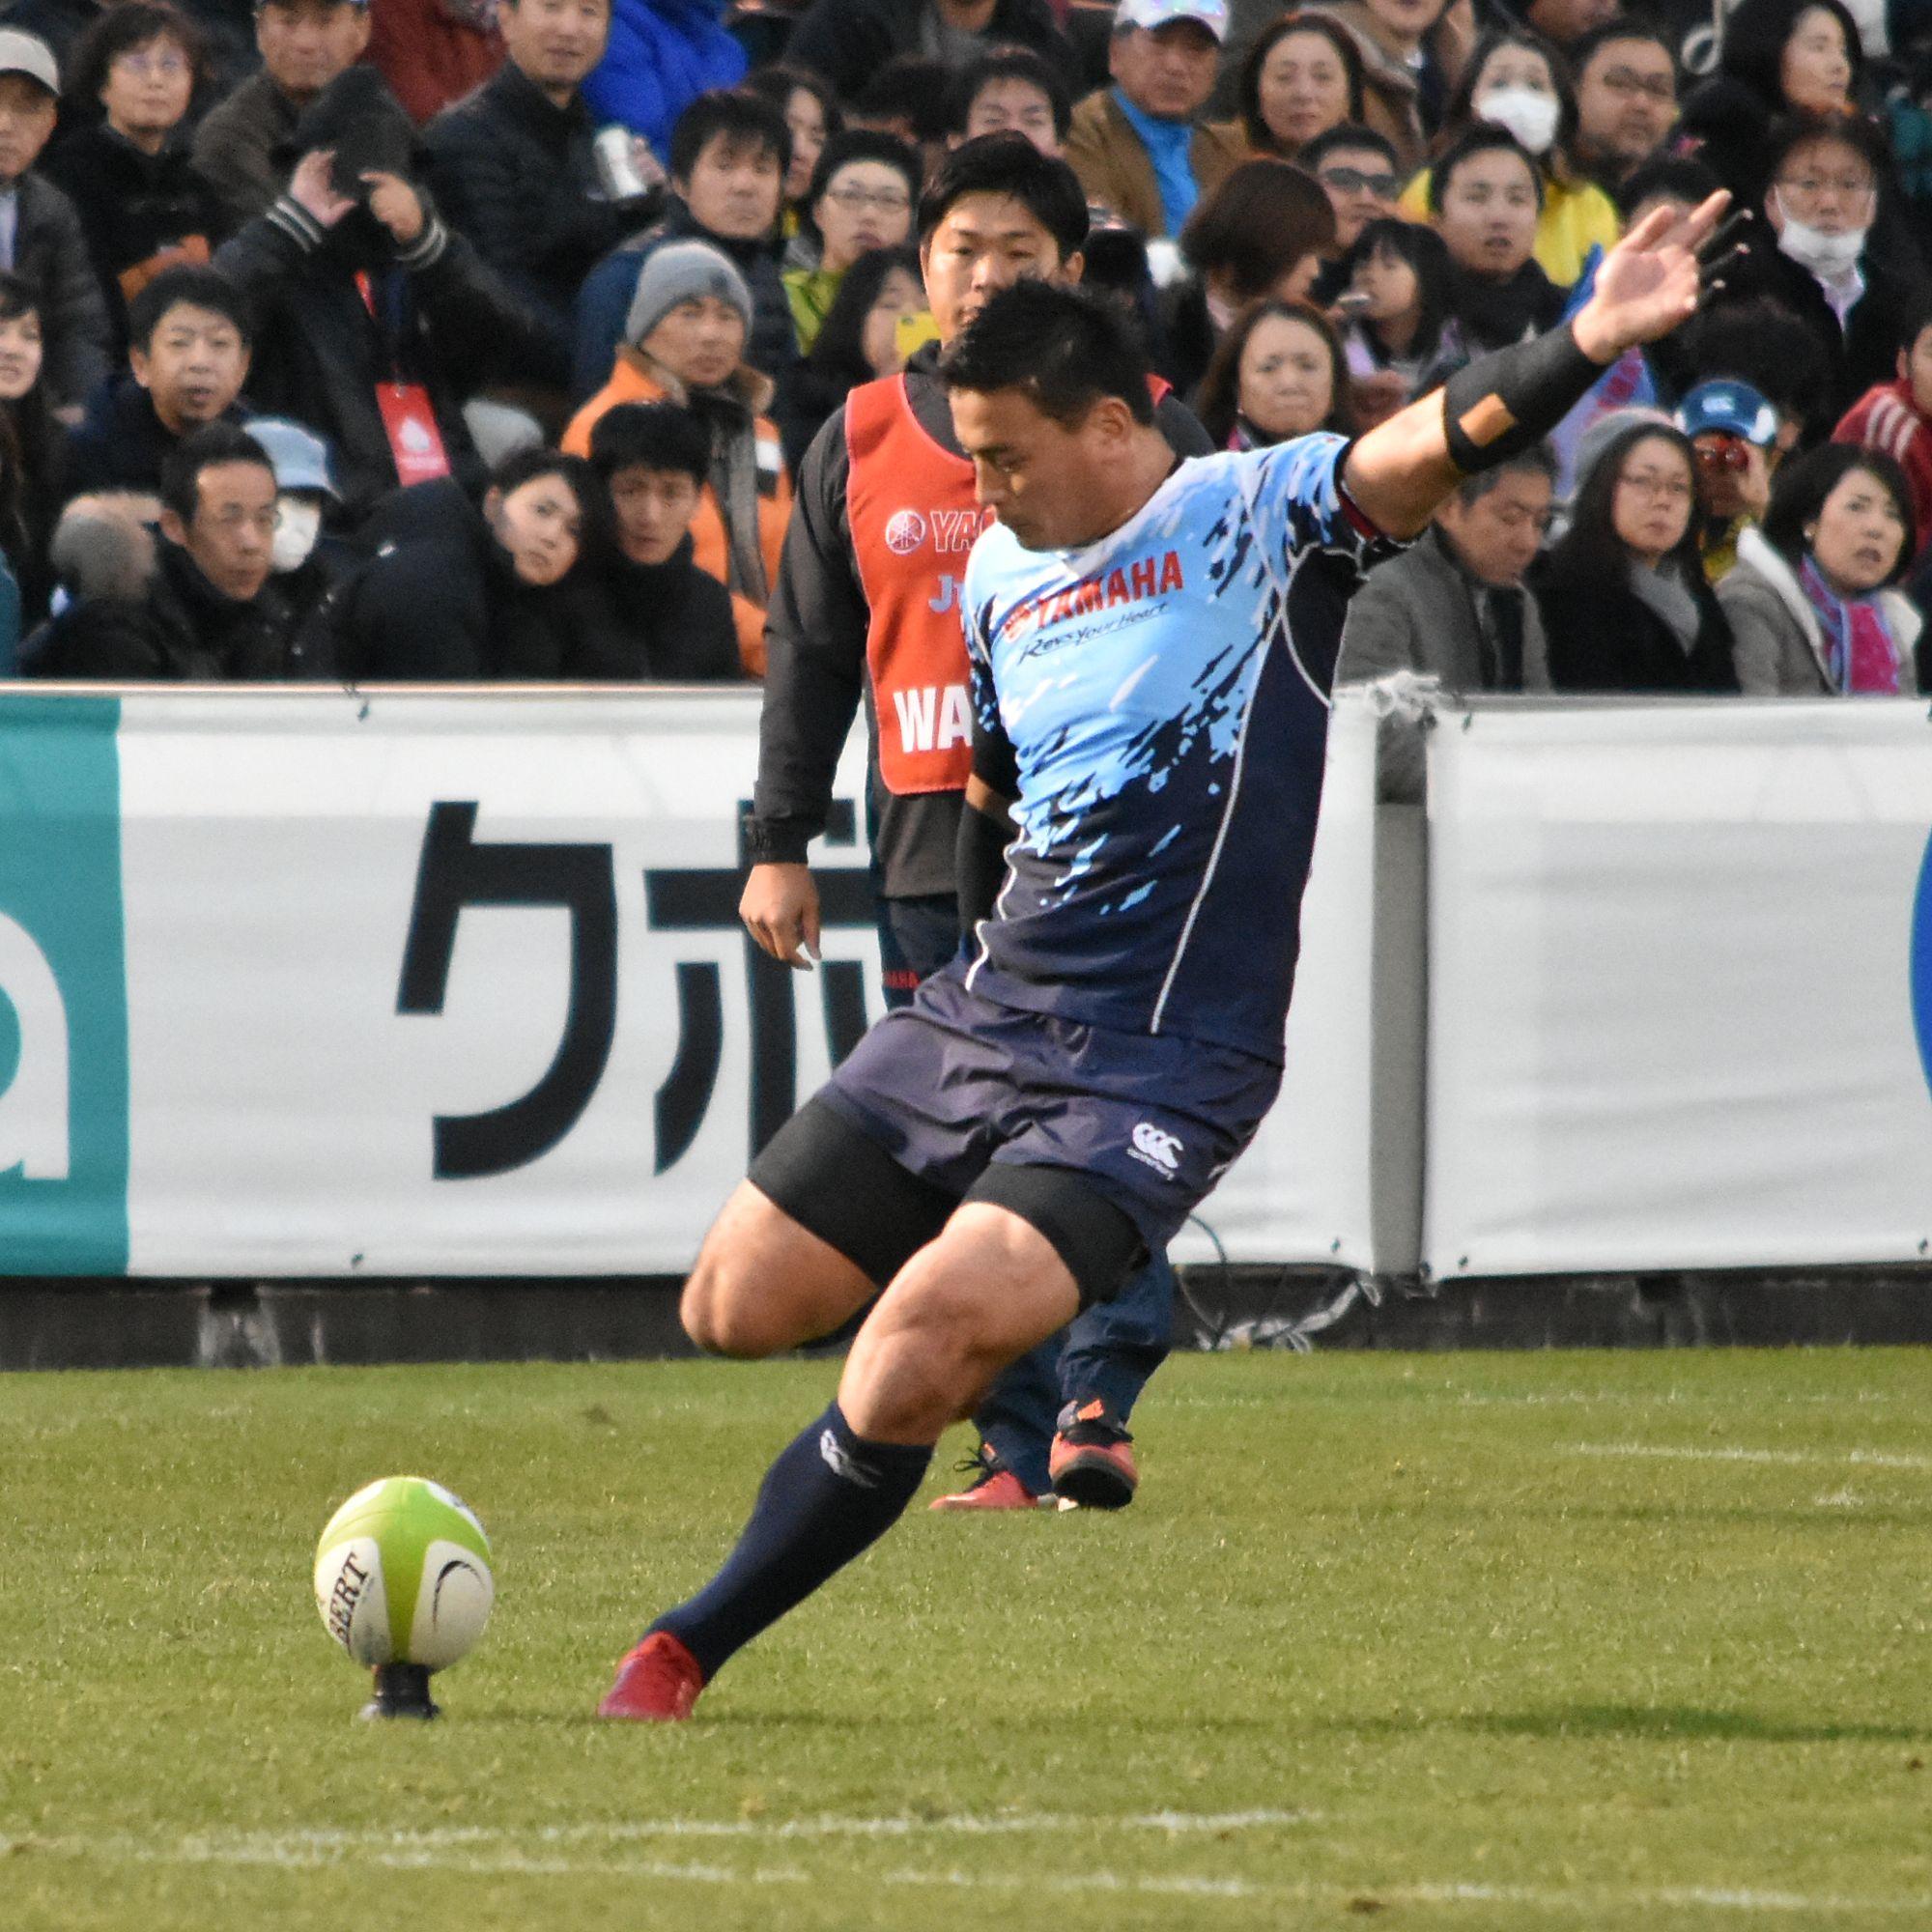 五郎丸歩 , Wikipedia